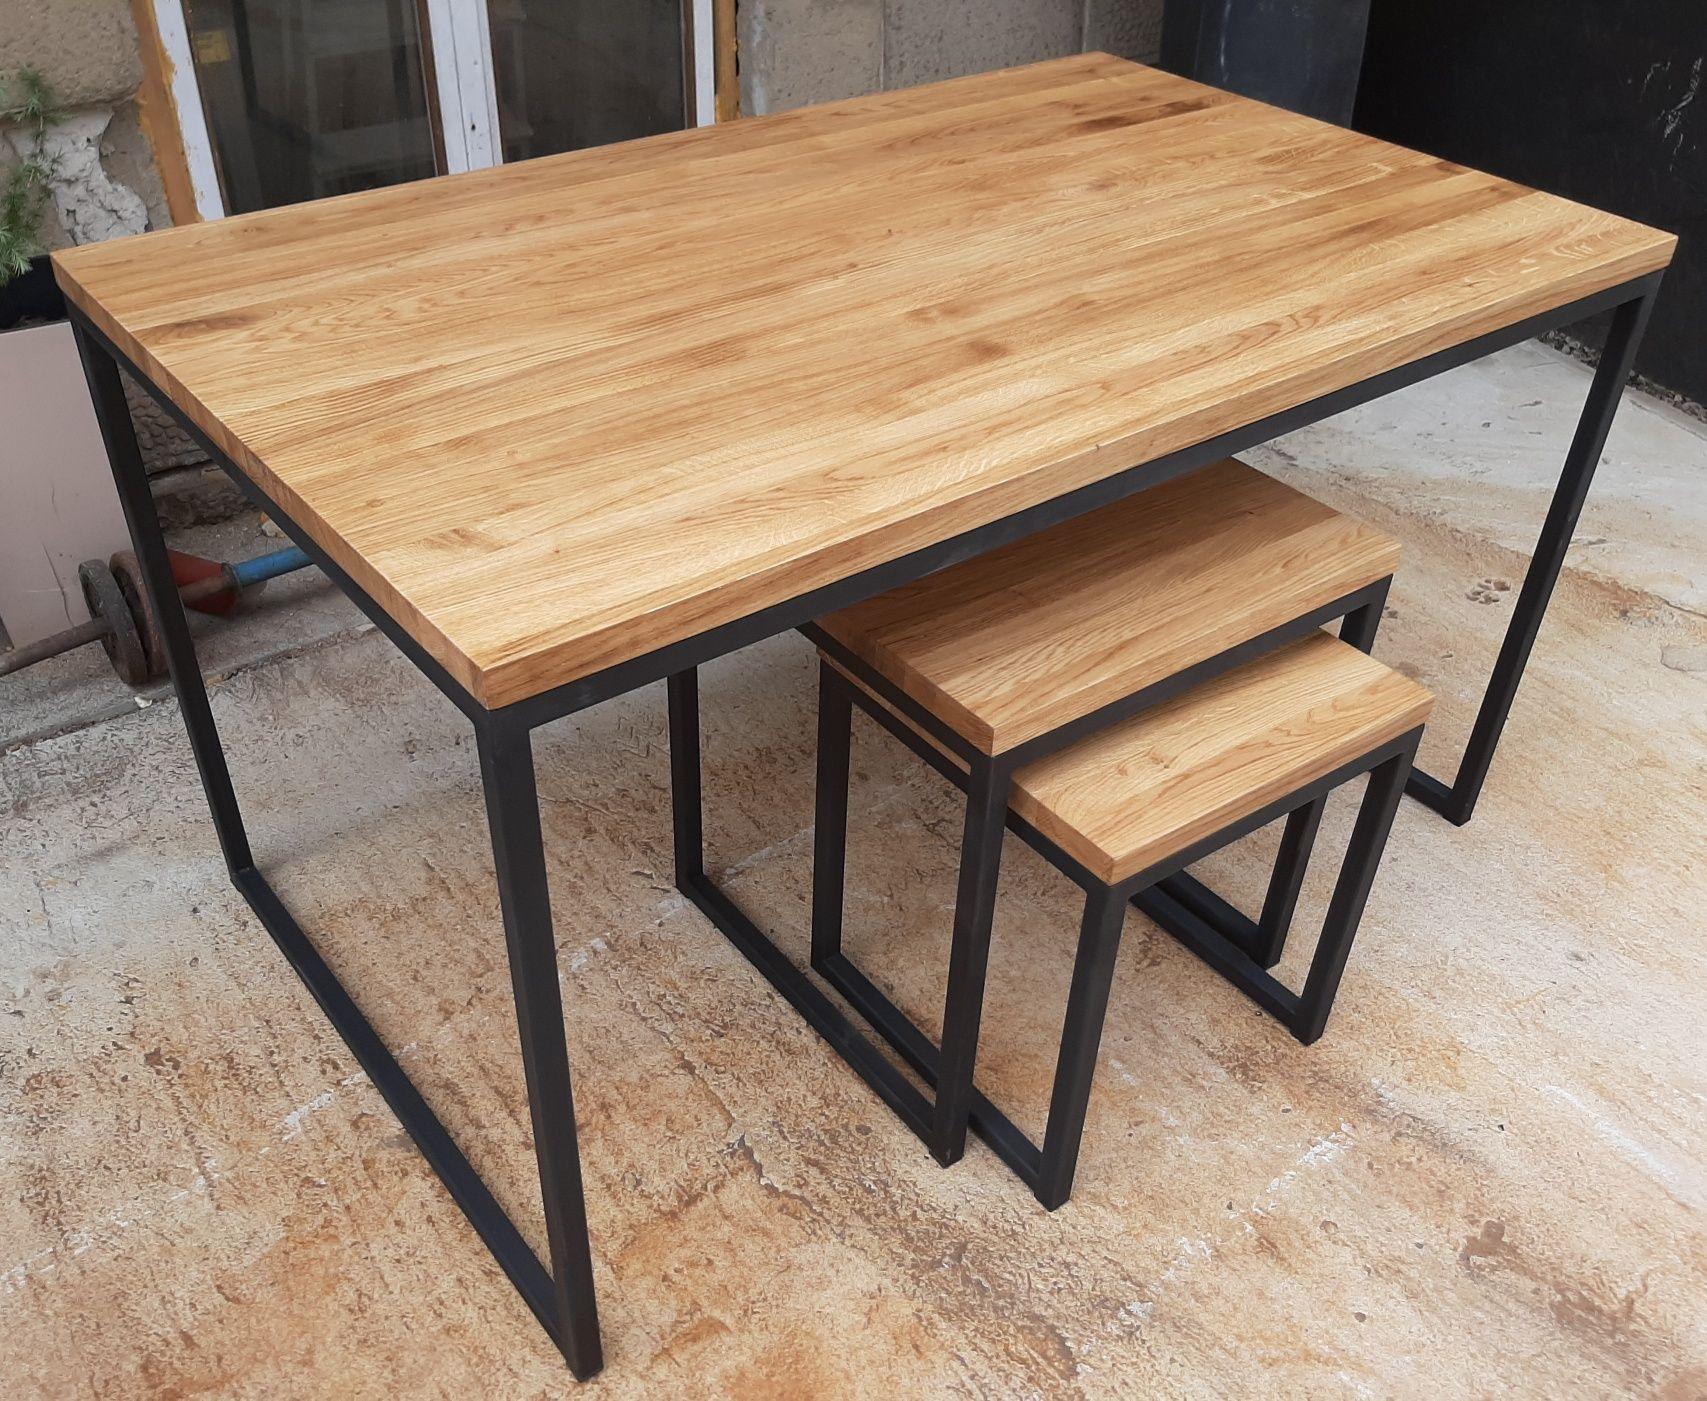 Stół i stoliki loft. Drewno dębowe. Zestaw do salonu lub biura.